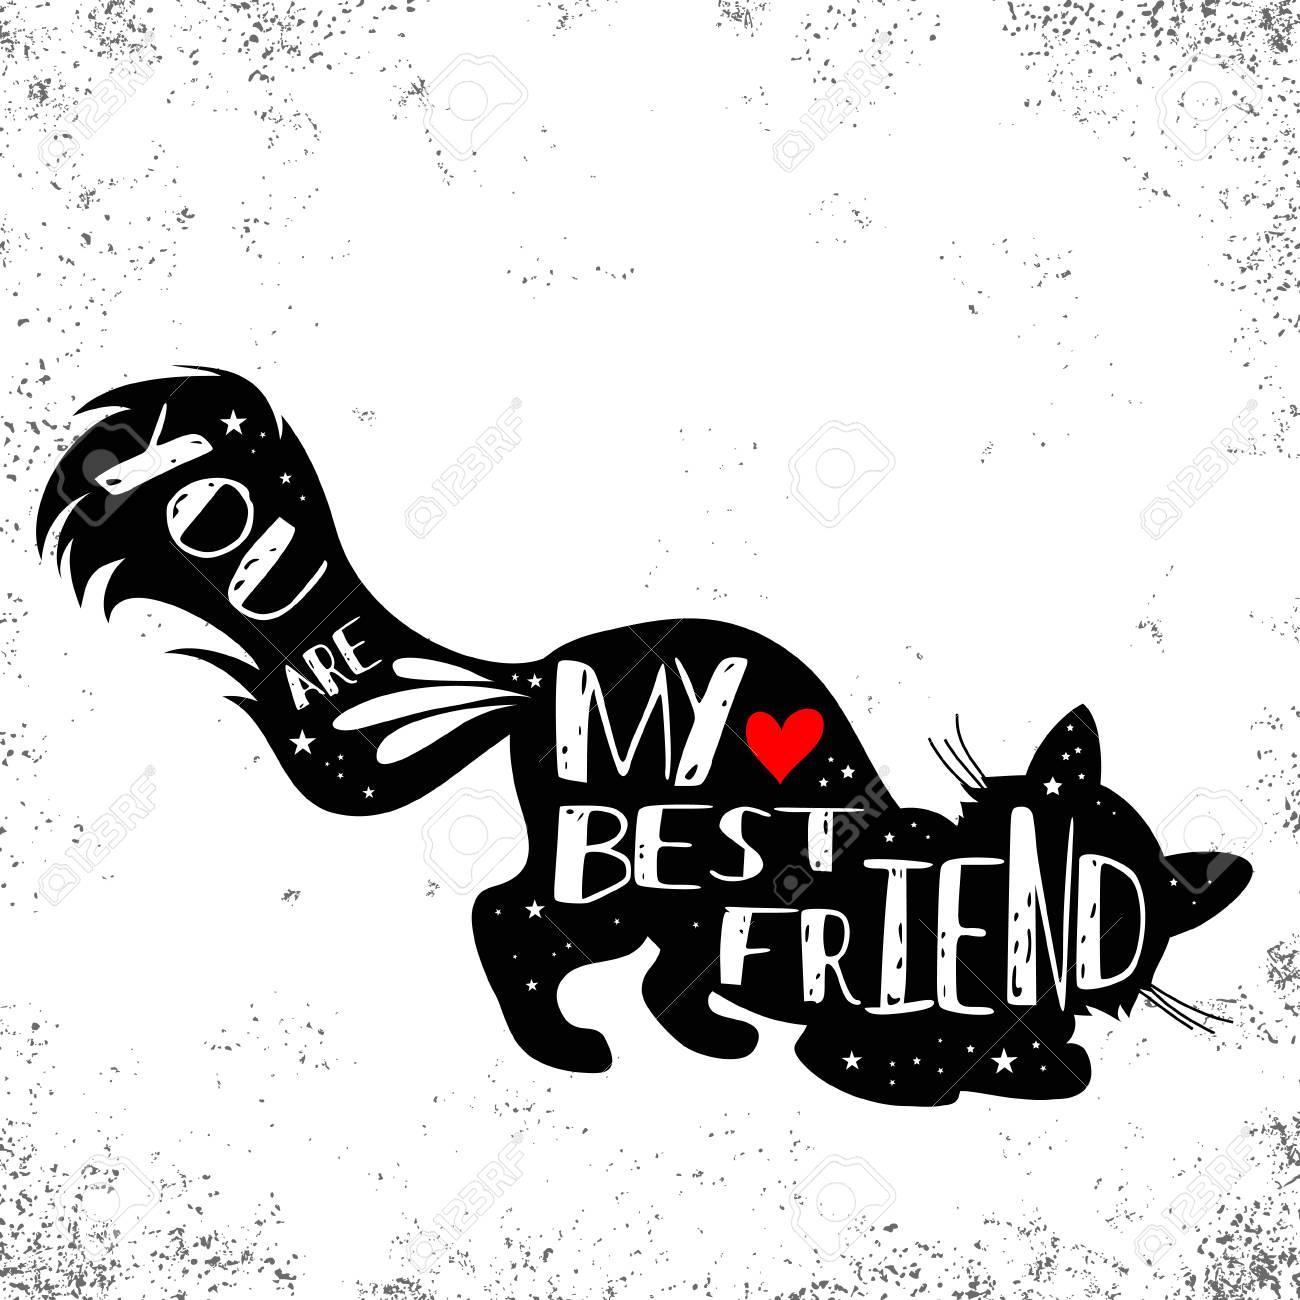 Cartel Tipográfico Hipster Dibujado A Mano Con Silueta De Gato Y Frase Eres Mi Mejor Amigo Letras Inspiradoras Con Mascota Imprimir Para